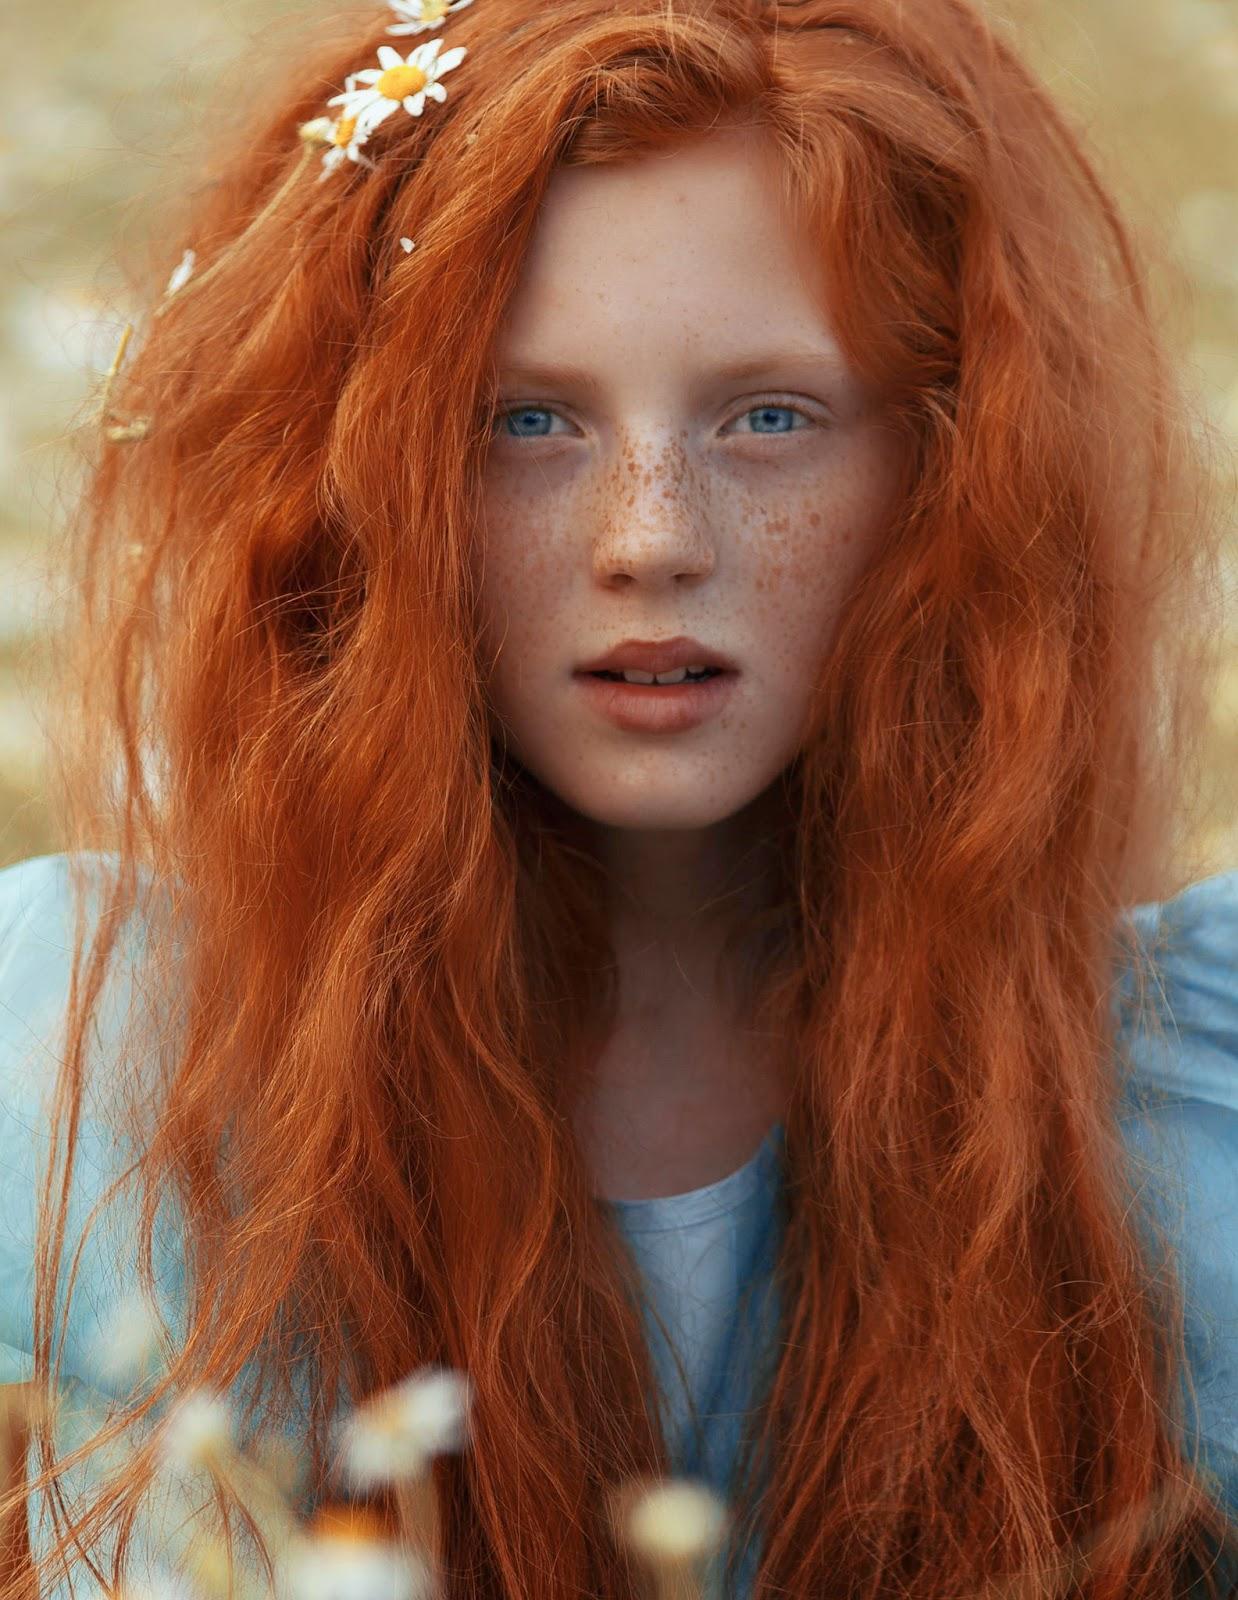 photo de Katerina Plotnikova, portrait d'une très belle jeune femme rousse